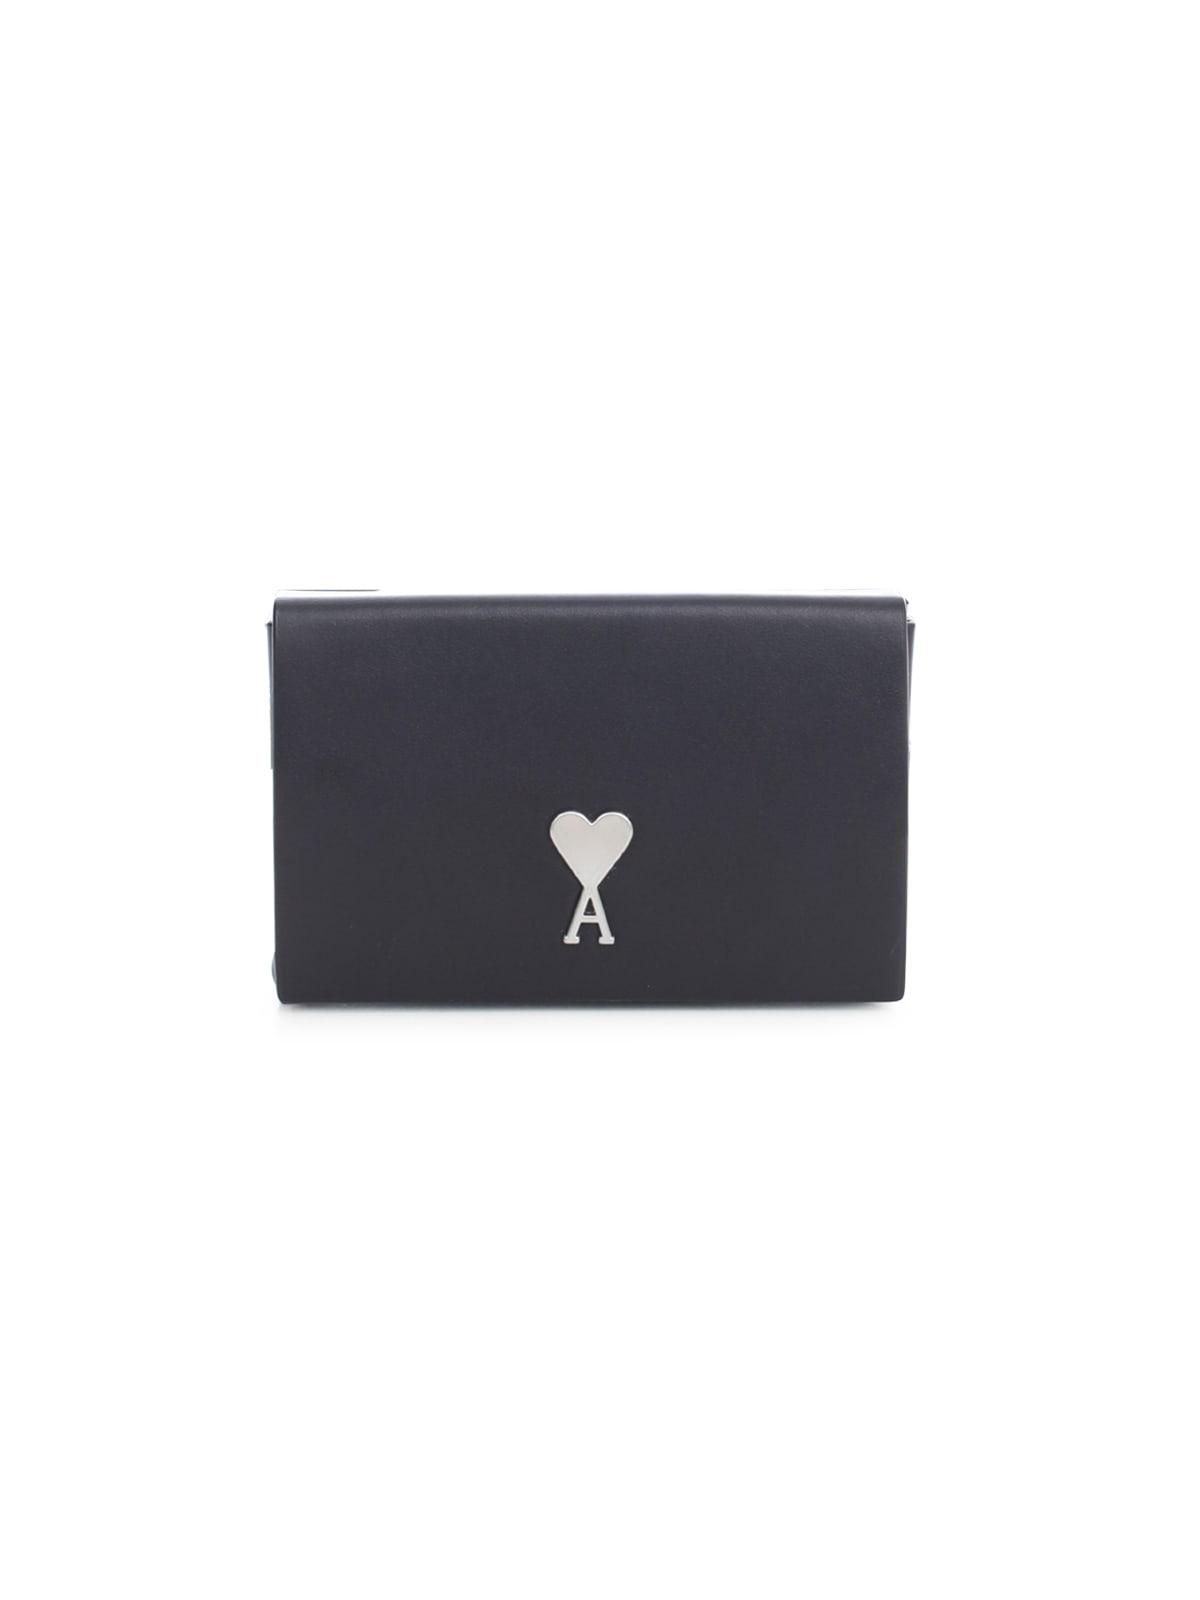 Ami Alexandre Mattiussi Mini Box Bag Ami De Coeur Vegetable Tanned Leather In Black